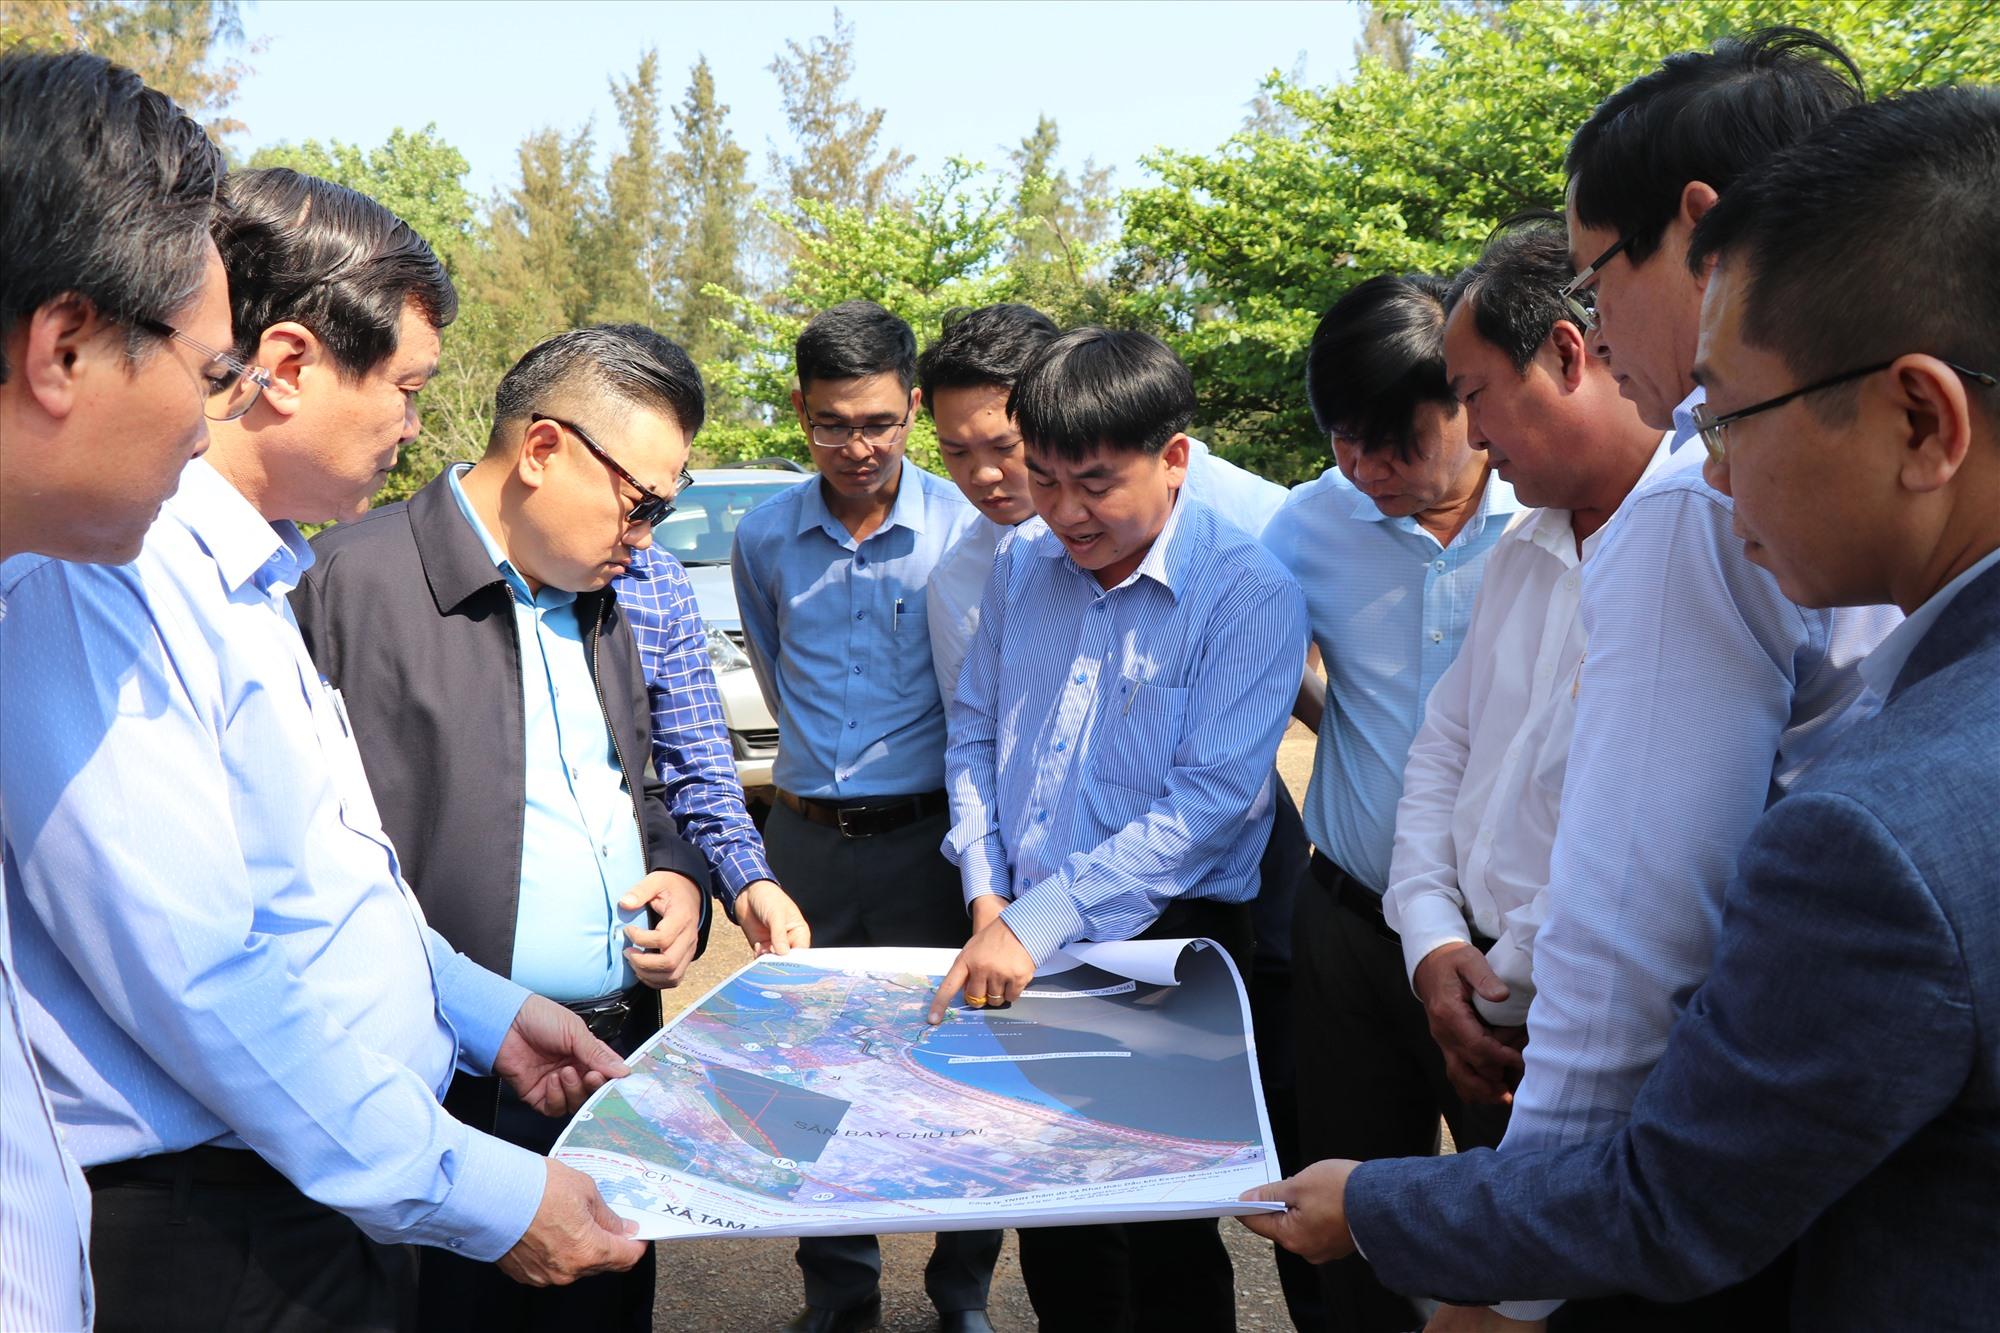 Đại diện Tập đoàn Dầu khí quốc gia Việt Nam và lãnh đạo tỉnh khảo sát khu vực dự kiến đầu tư dự án điện khí. Ảnh: T.Dũng